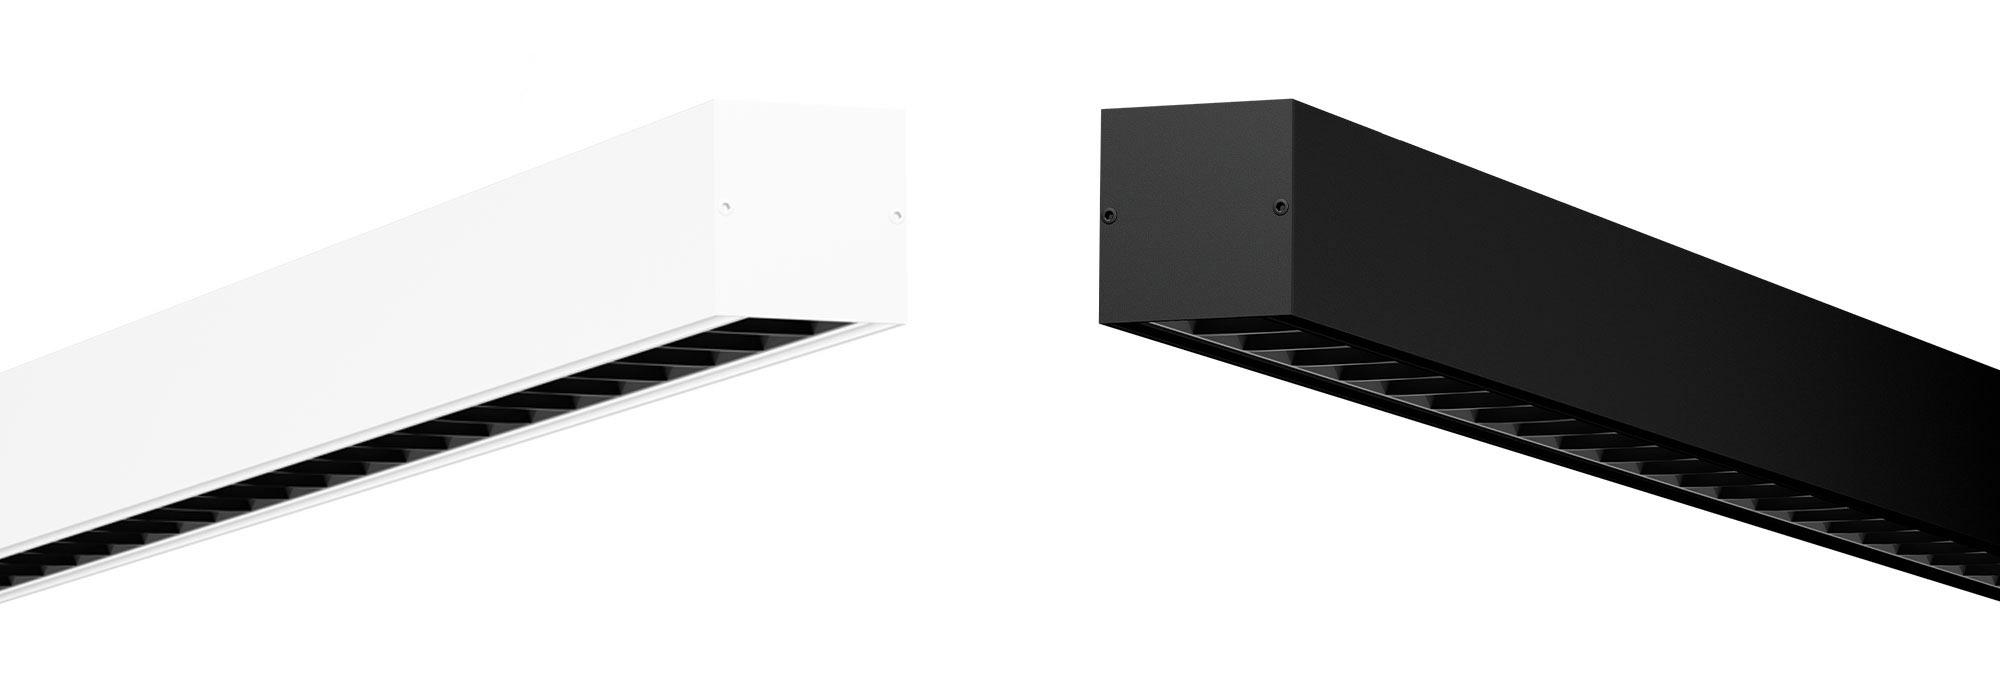 iMexx Free schwarz und weiß - Stehleuchte